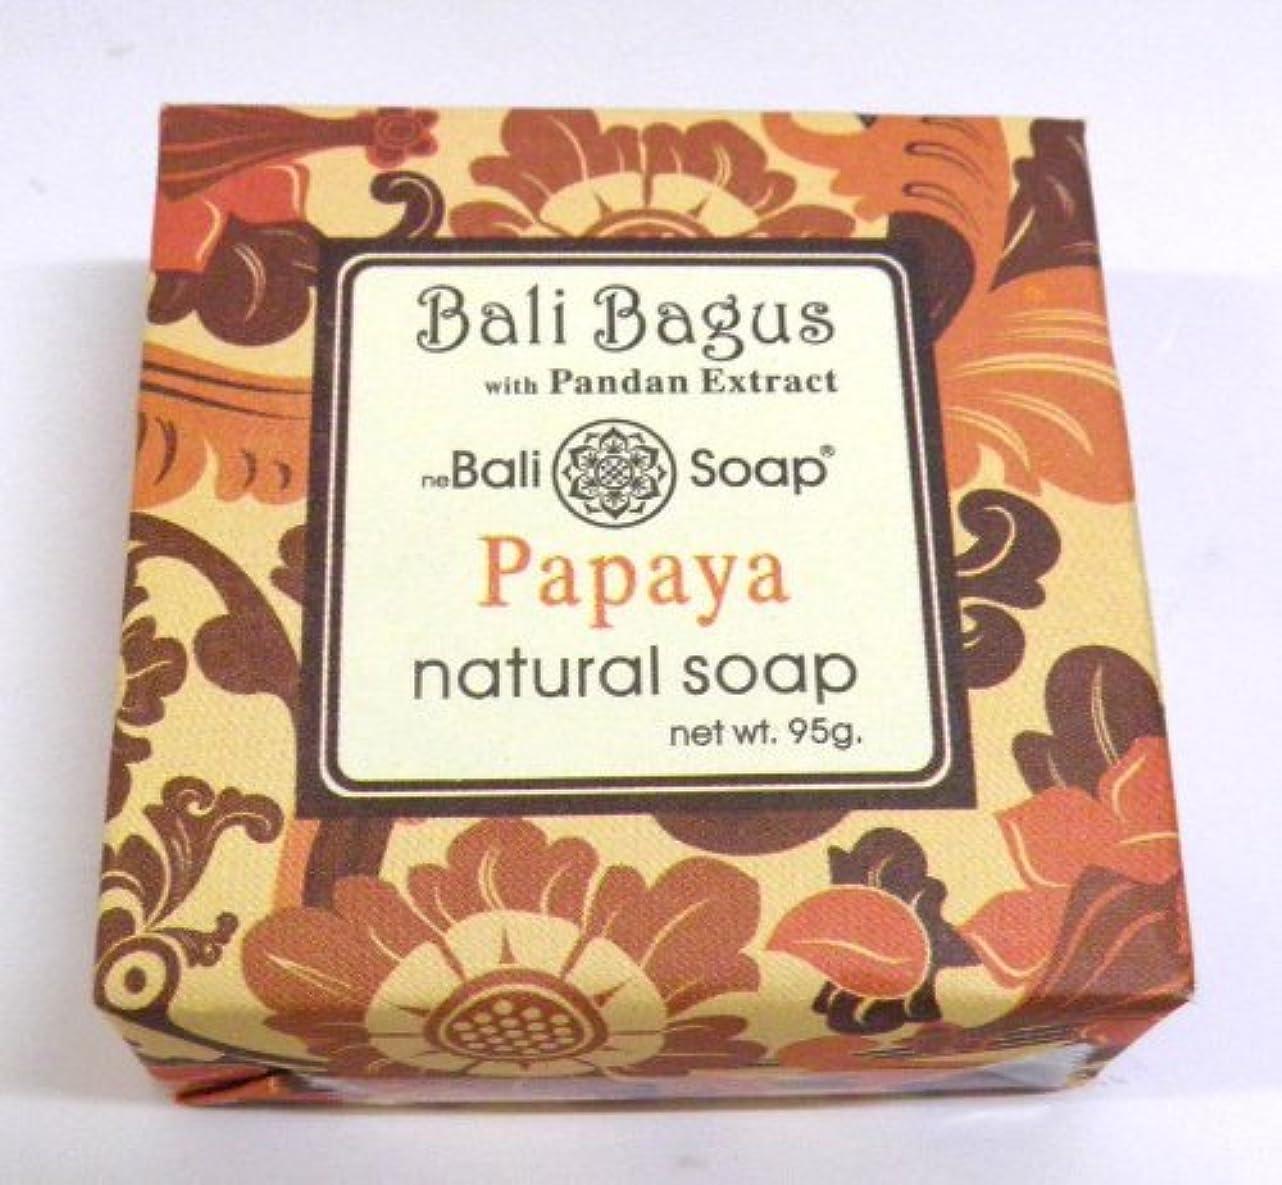 警告動物園準備ができてBali Bagus バリナチュラルソープ (Papaya パパイヤ)